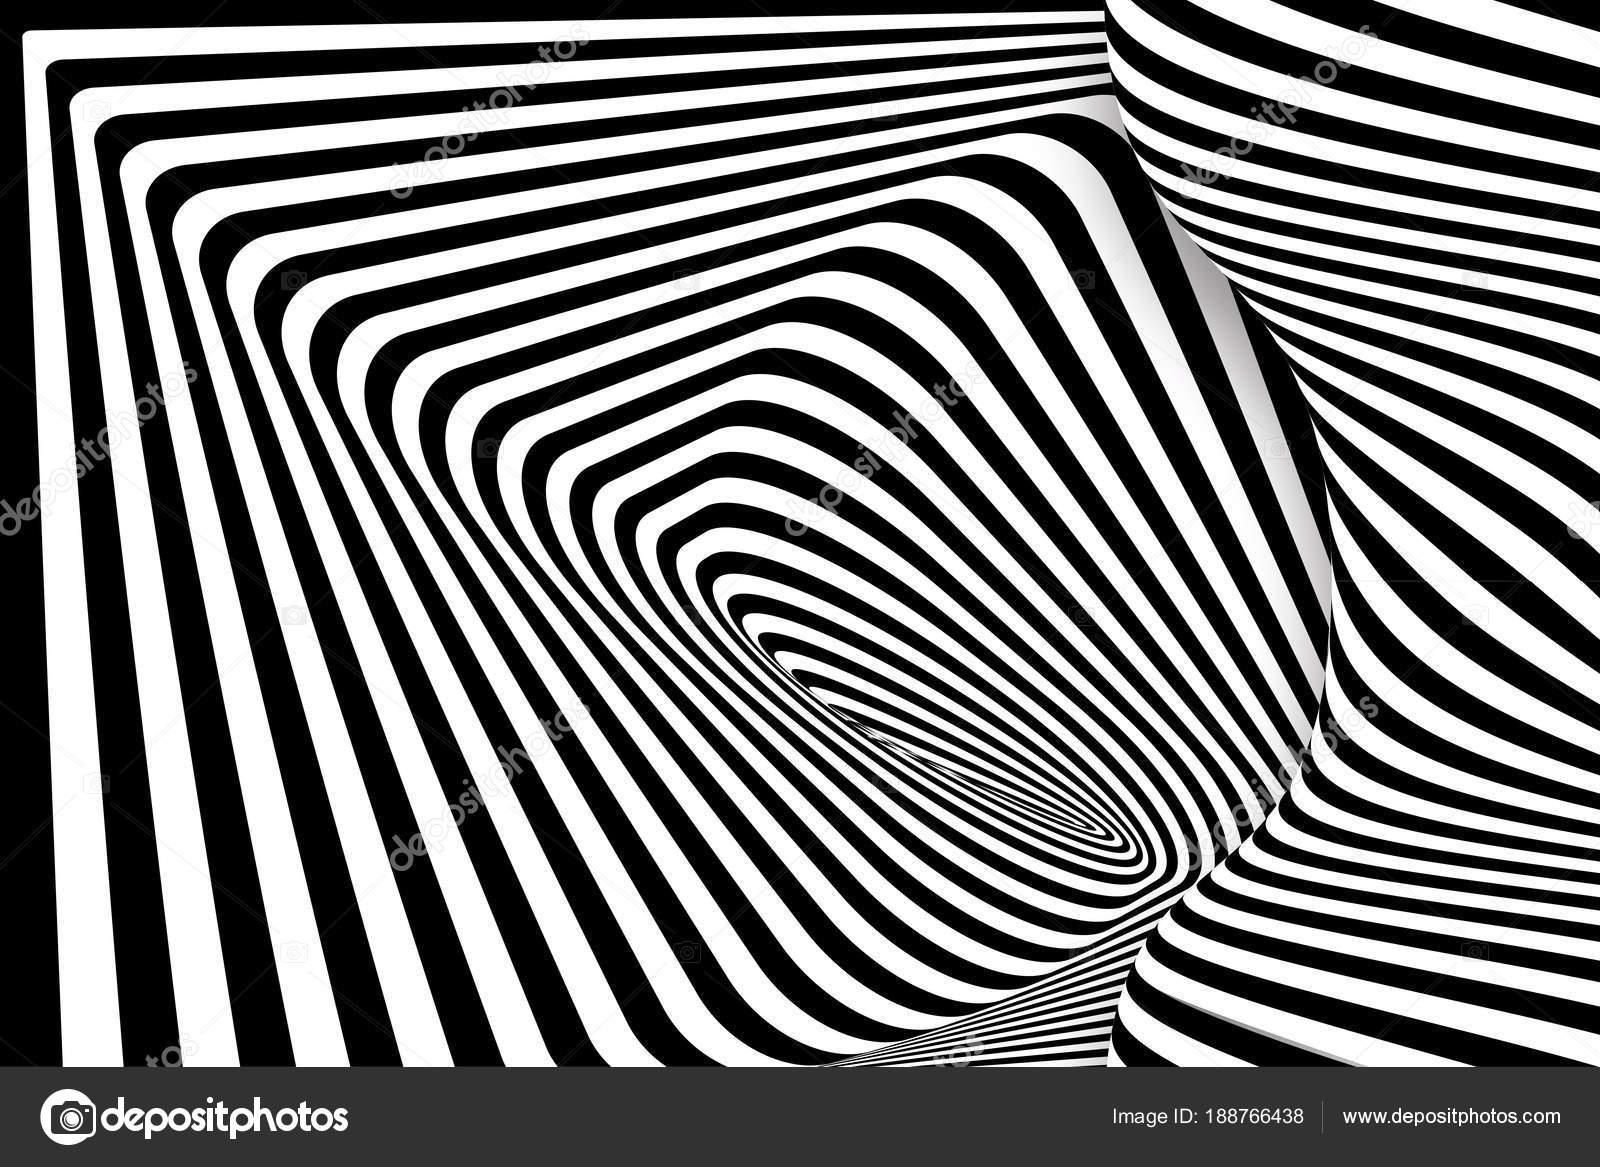 ea99d5785d Negro 3d blanco línea diseño de ilusión de distorsión. Fondo monocromo de  vector. Arte de ilustración de geométrico patrón despojado.